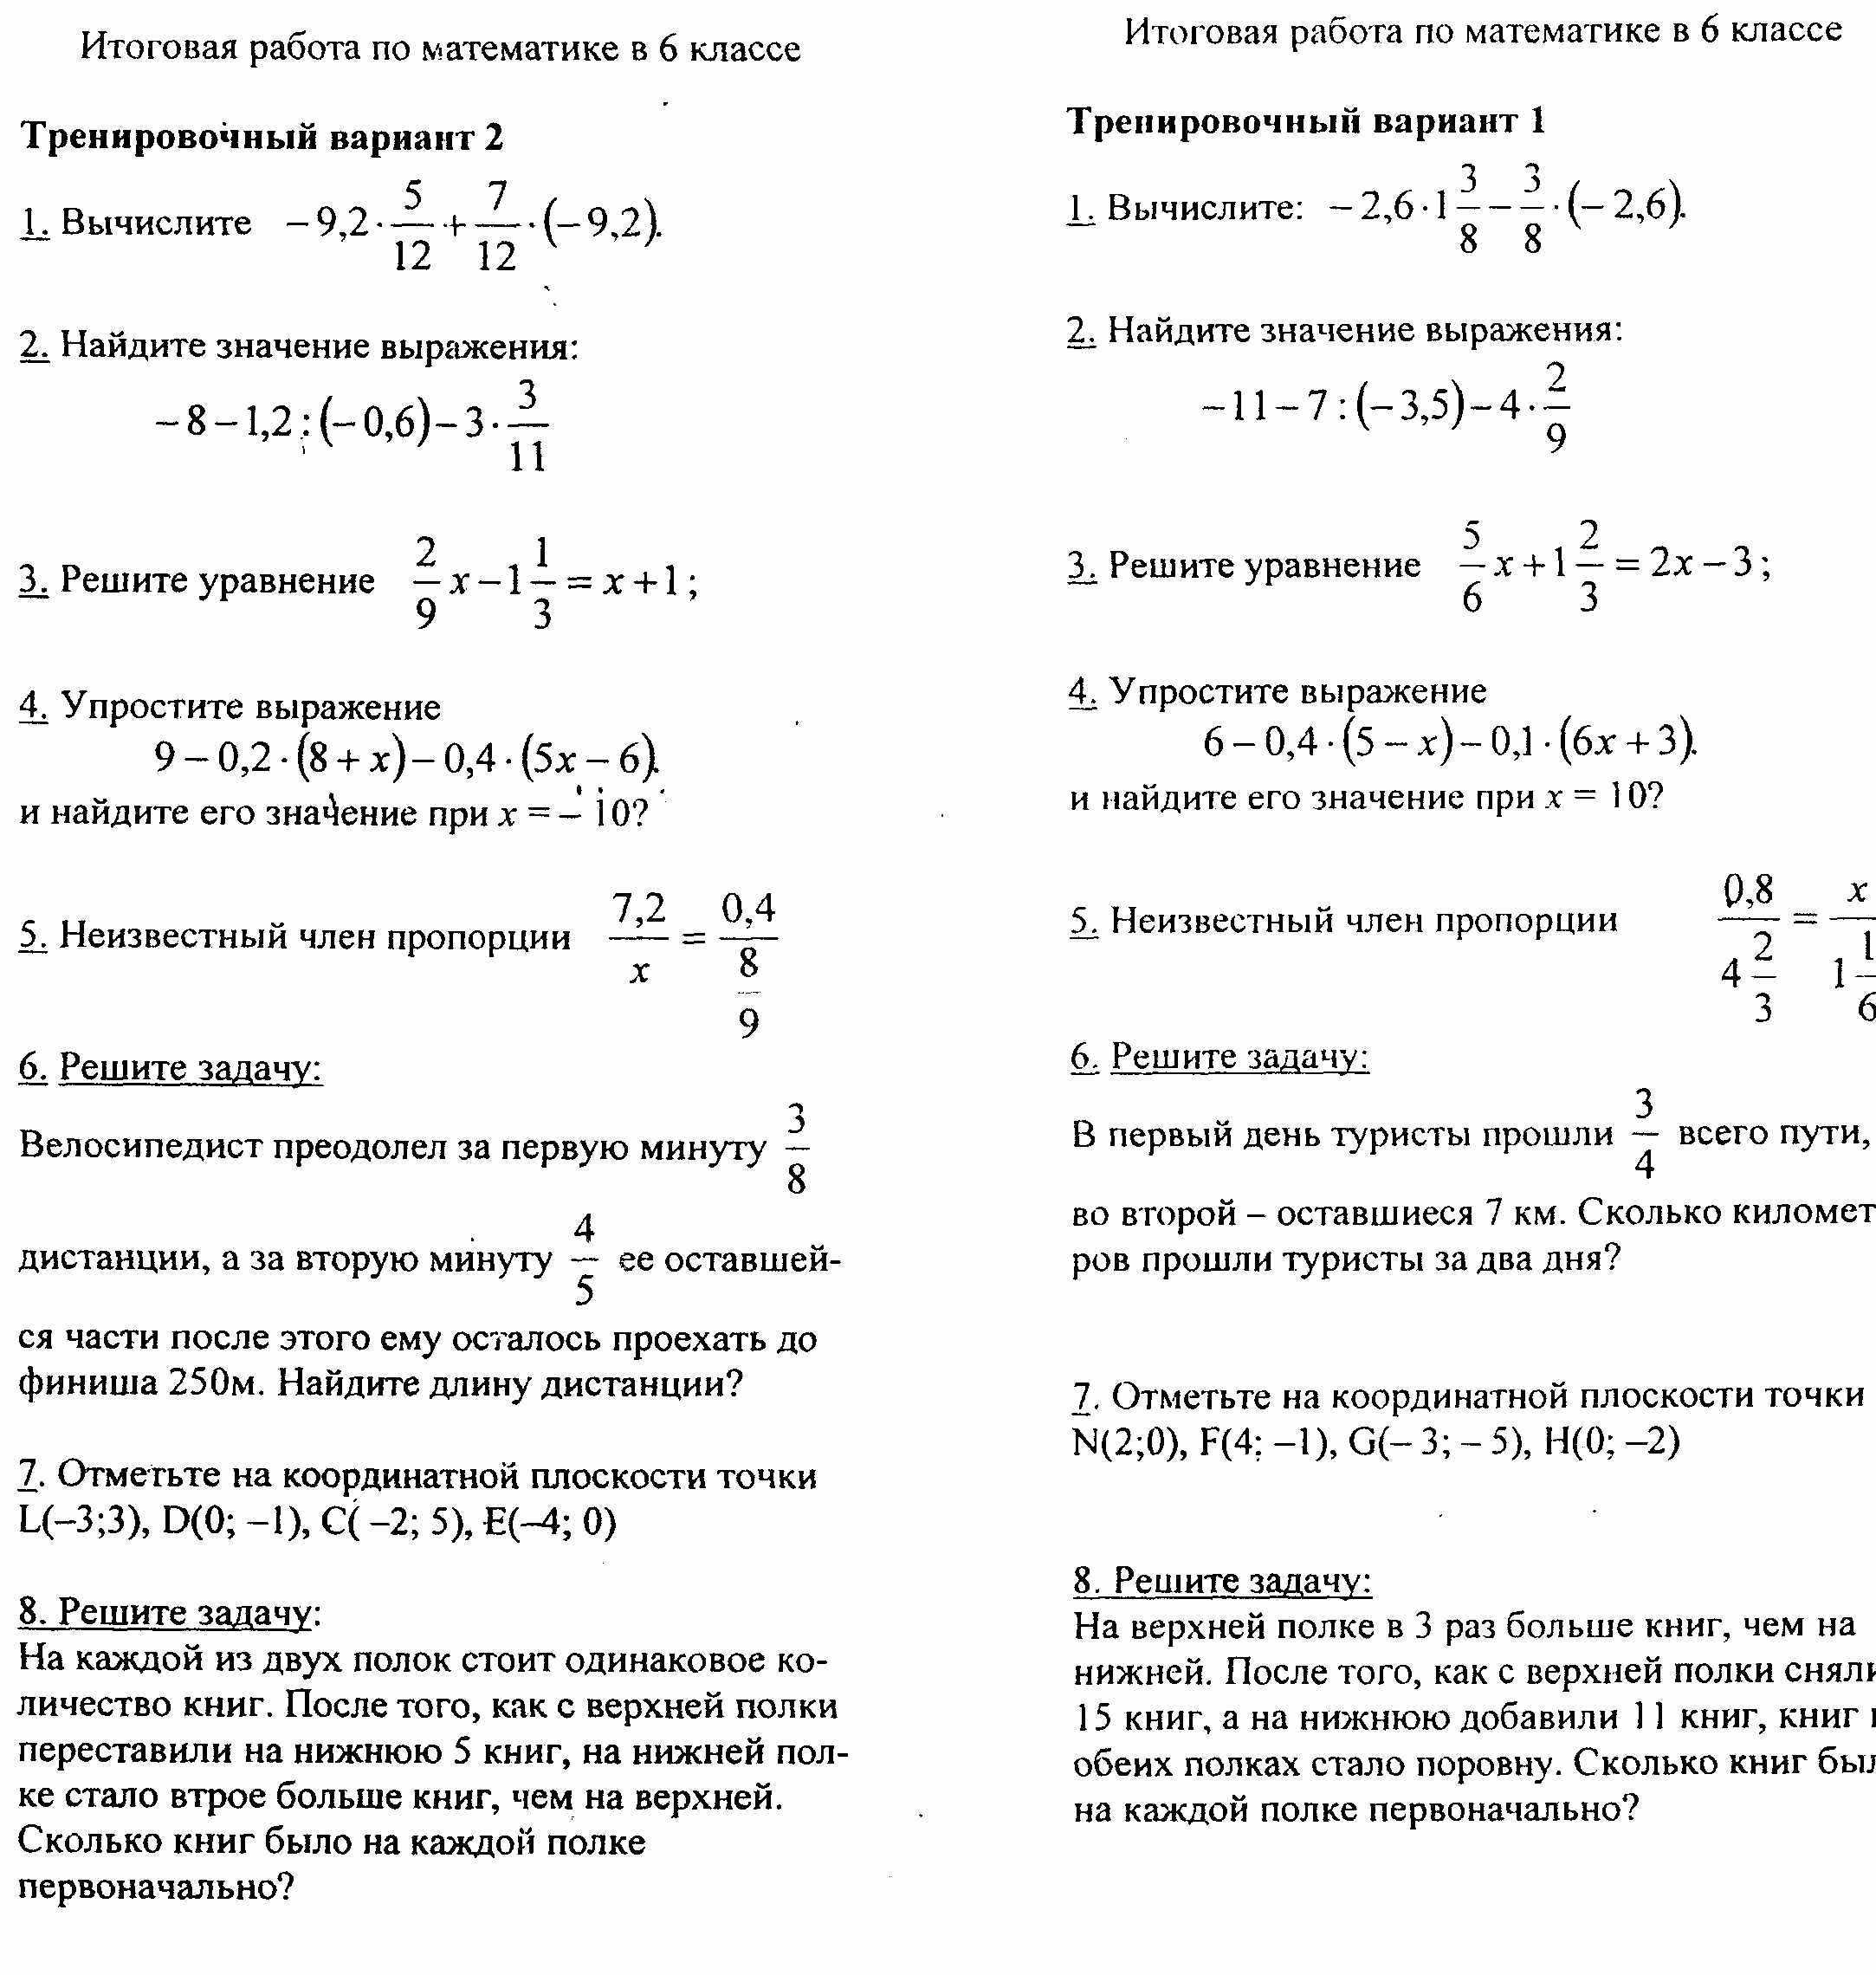 гдз поматематика итоговая контрольная 6 класс